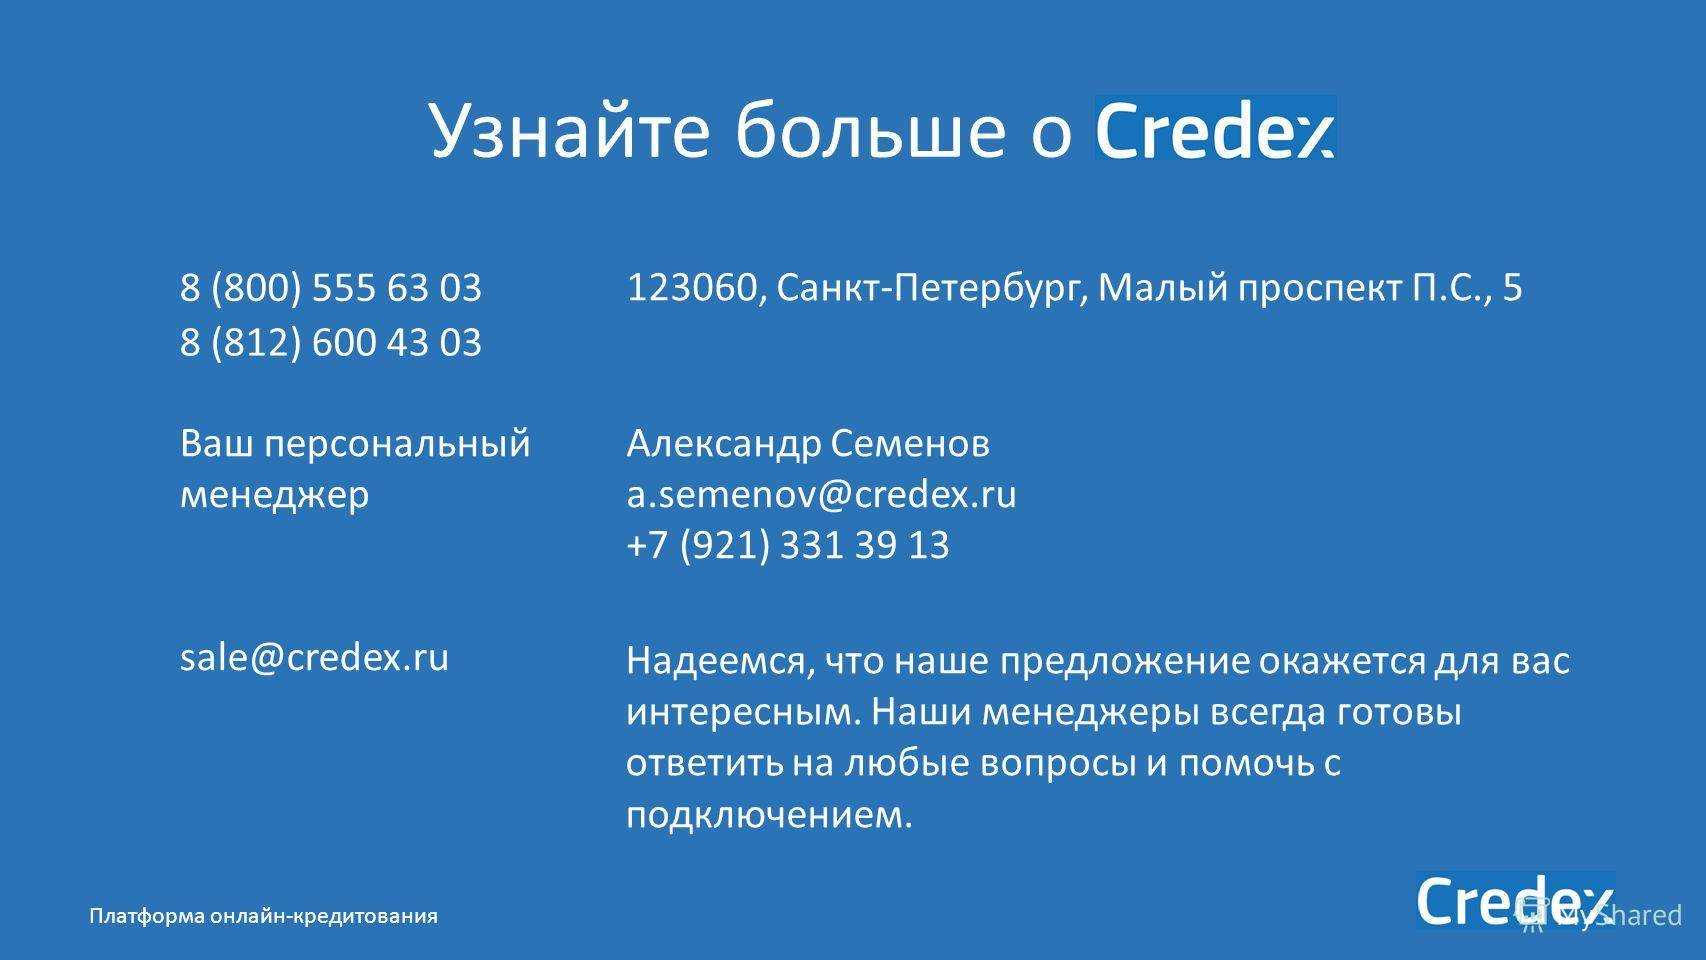 Платформа онлайн-кредитования Узнайте больше о 8 (800) 555 63 03 8 (812) 600 43 03 sale@credex.ru 123060, Санкт-Петербург, Малый проспект П.С., 5 Надеемся, что наше предложение окажется для вас интересным. Наши менеджеры всегда готовы ответить на люб